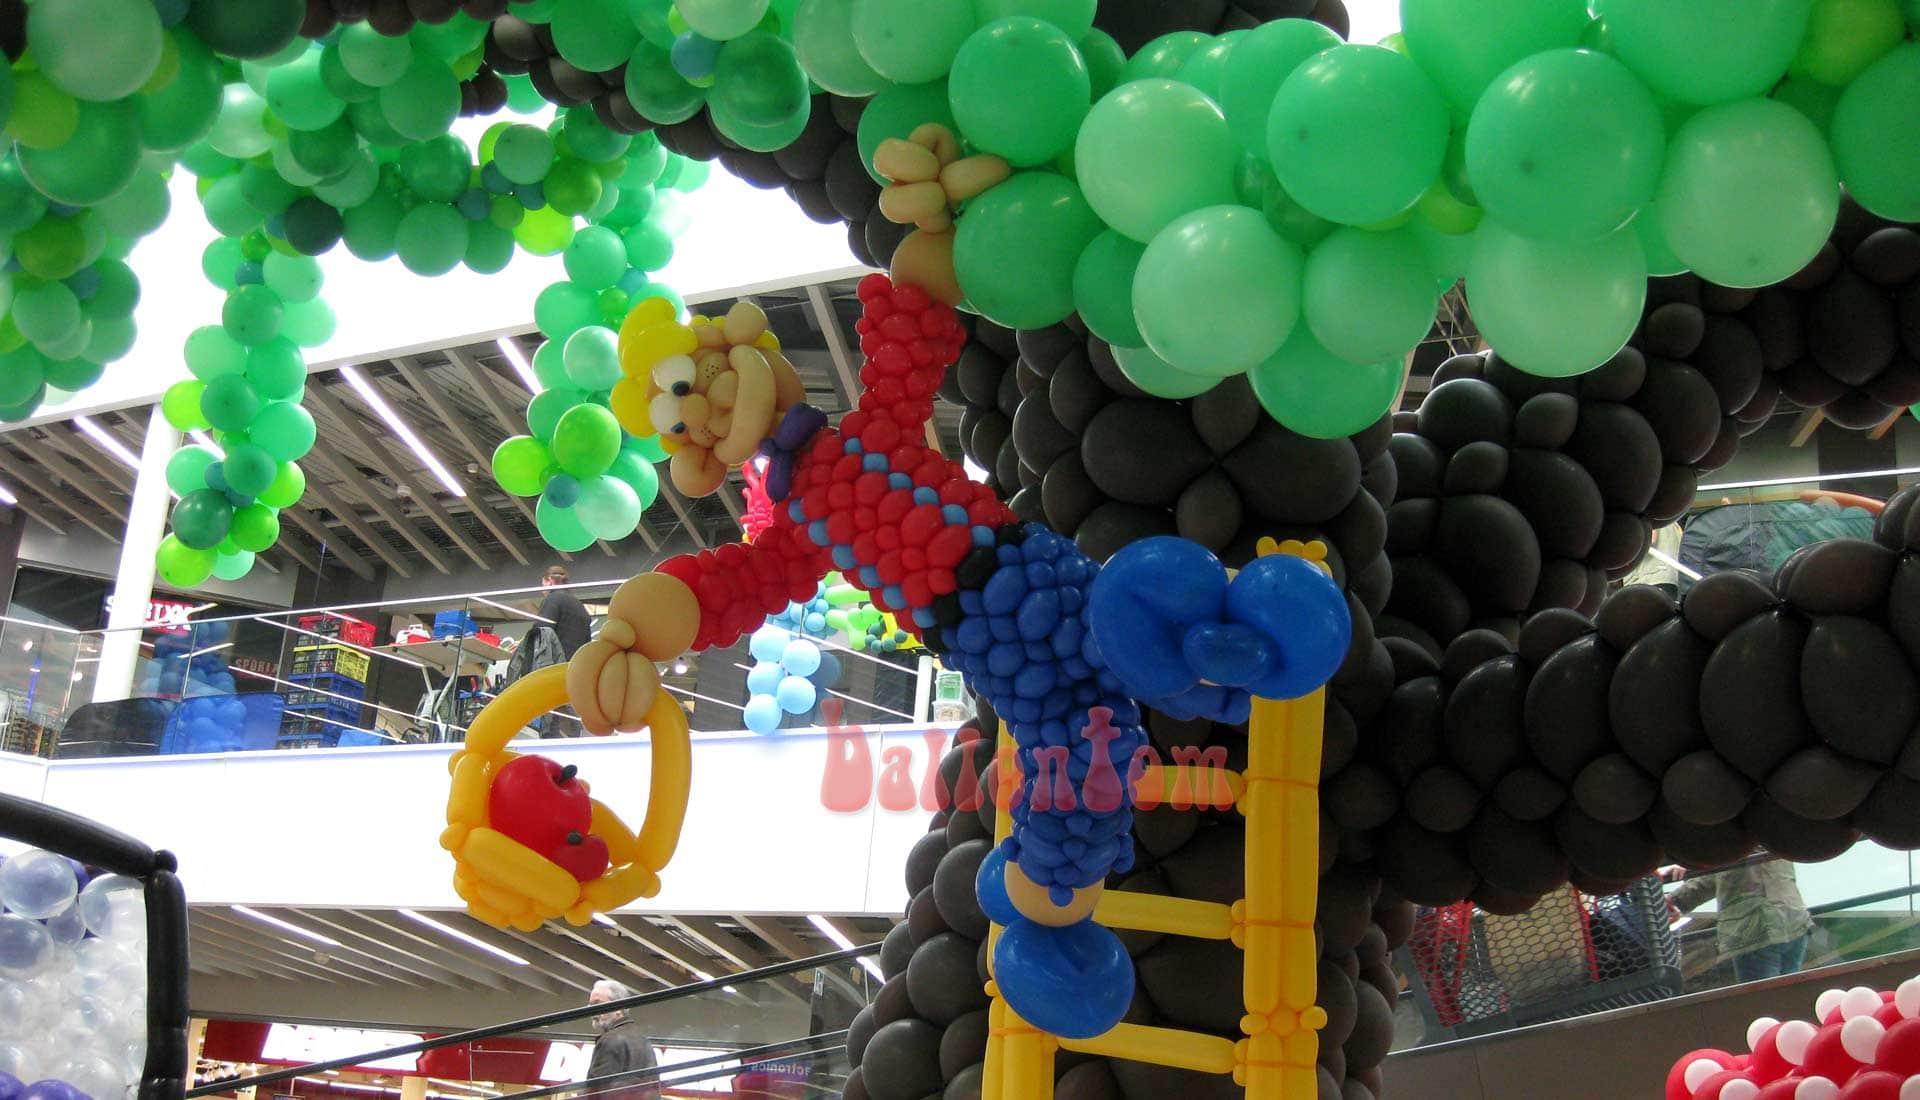 Ballonwelt Lausanne - Schweiz - Apfelpflücker - Projekt: Canniballoon Team Didier Dvorak - Unterstützt durch ballontom